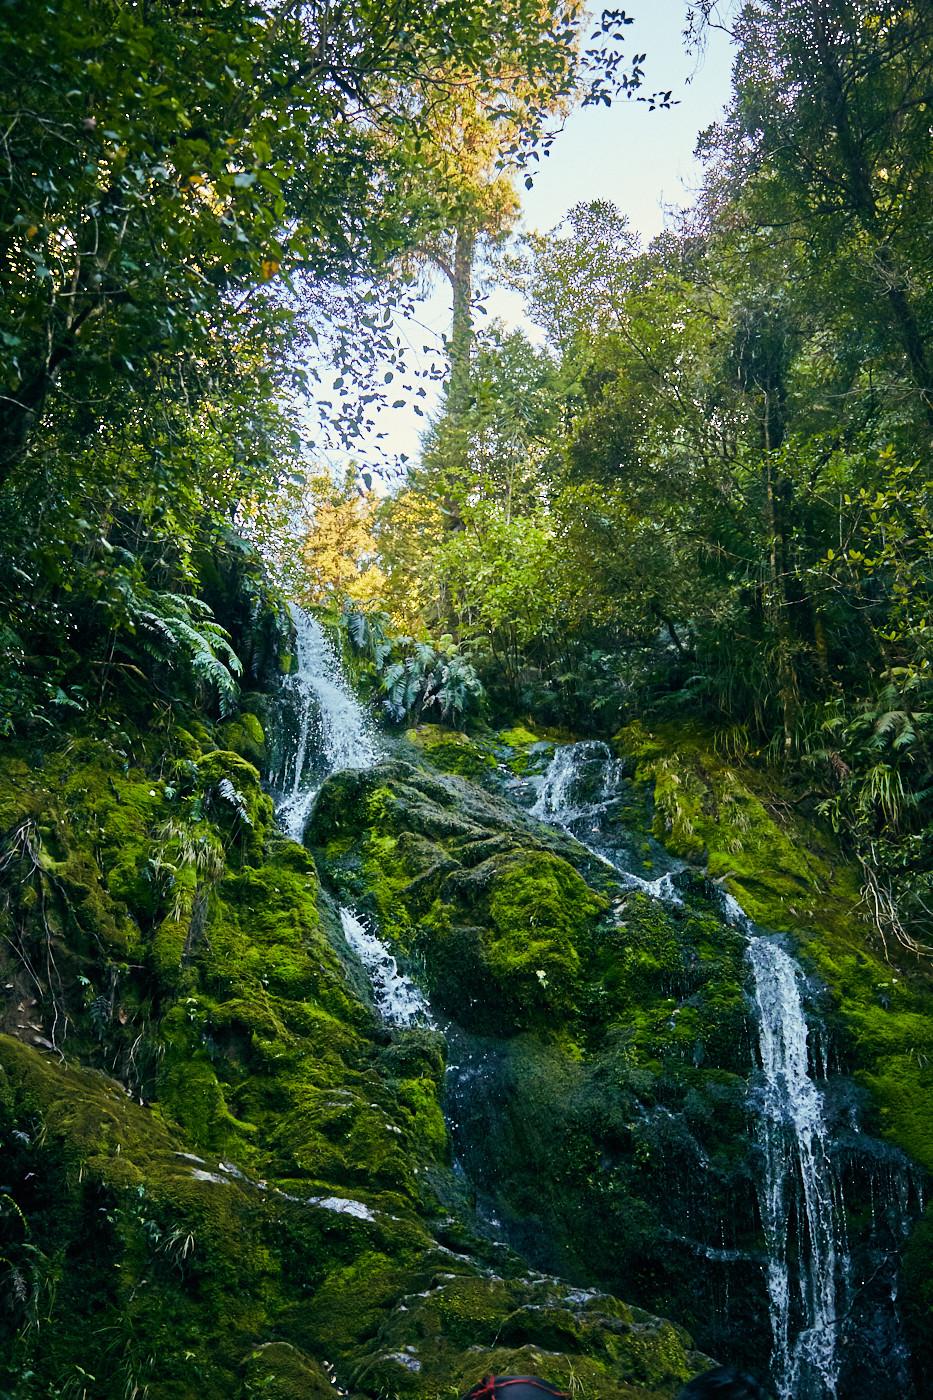 Der Cascade Creek im Abel Tasman Nationalpark auf der Südinsel von Neuseeland. Ein schöner Wasserfall mittem im Regenwald